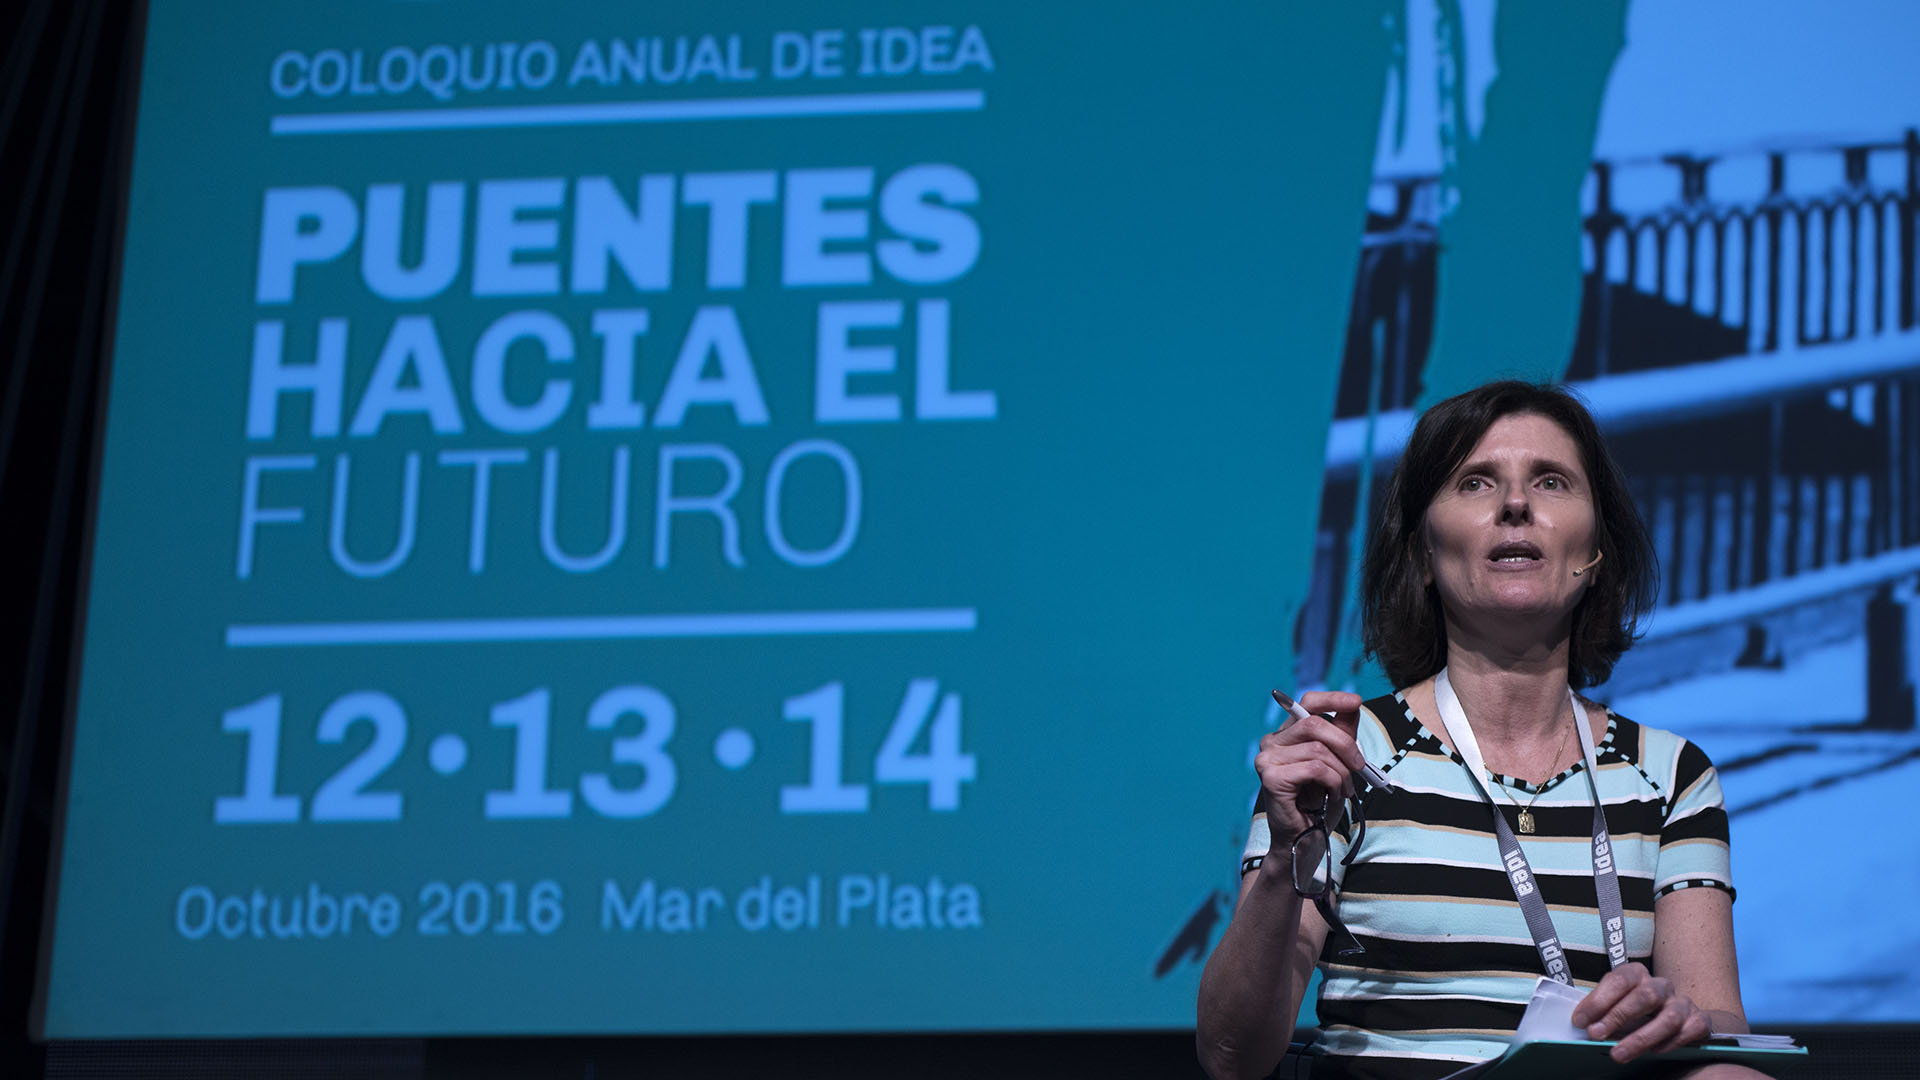 Luciana Vázquez, Periodista especializada en educación, Diario La Nación, en el segundo panel del Coloquio IDEA